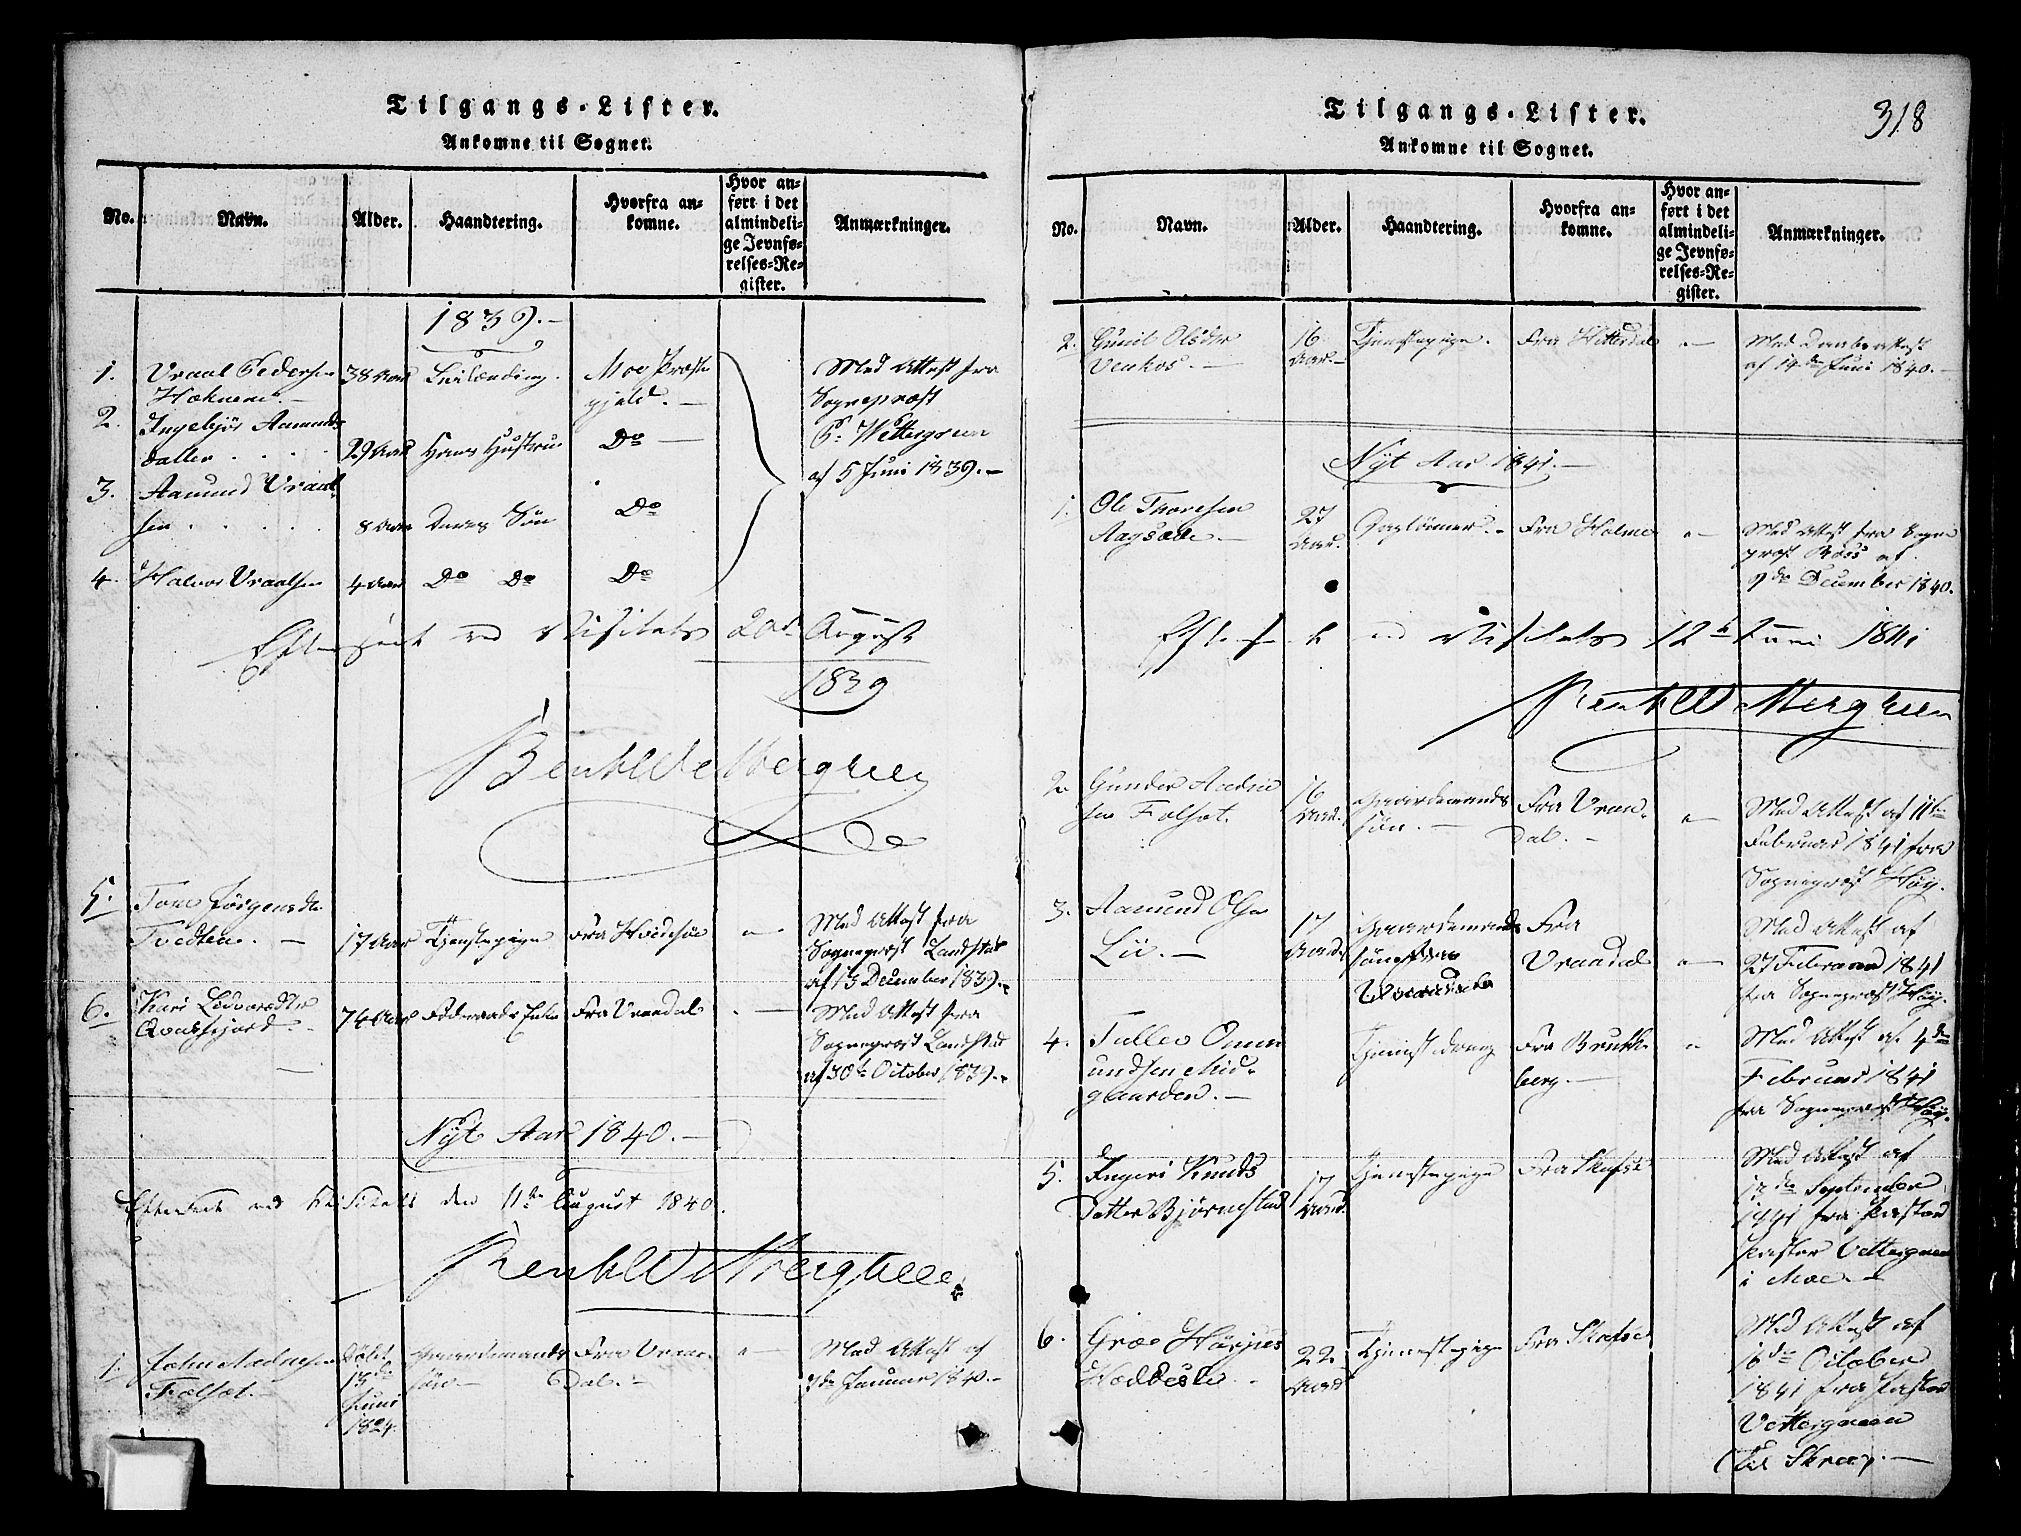 SAKO, Fyresdal kirkebøker, G/Ga/L0003: Klokkerbok nr. I 3, 1815-1863, s. 318